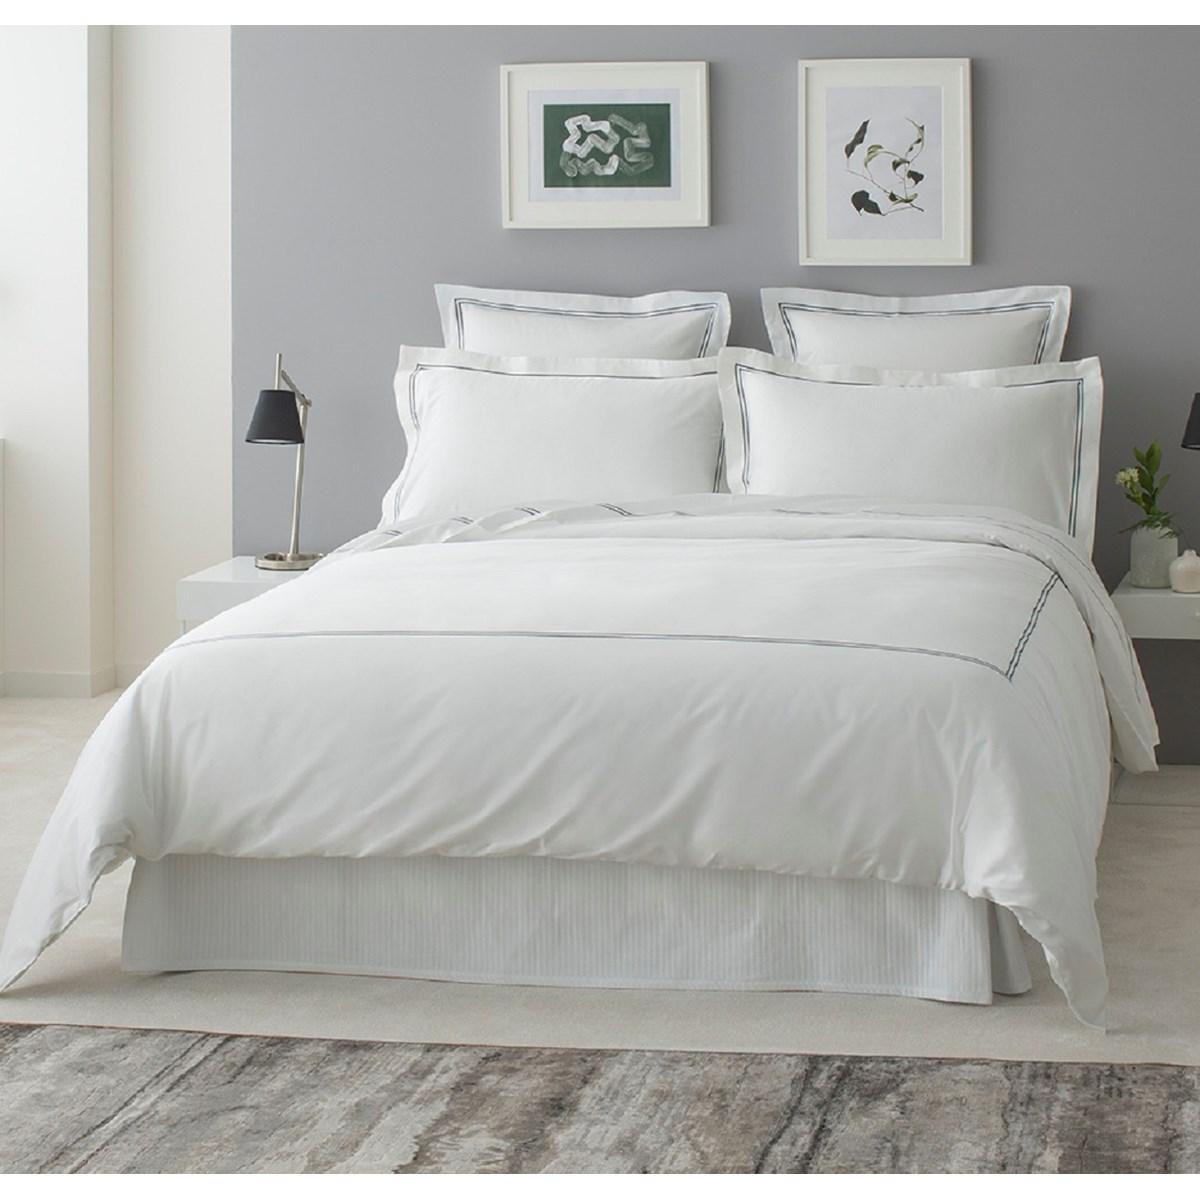 Drap plat luxe en Satin de coton Gris foncé 240x310 cm